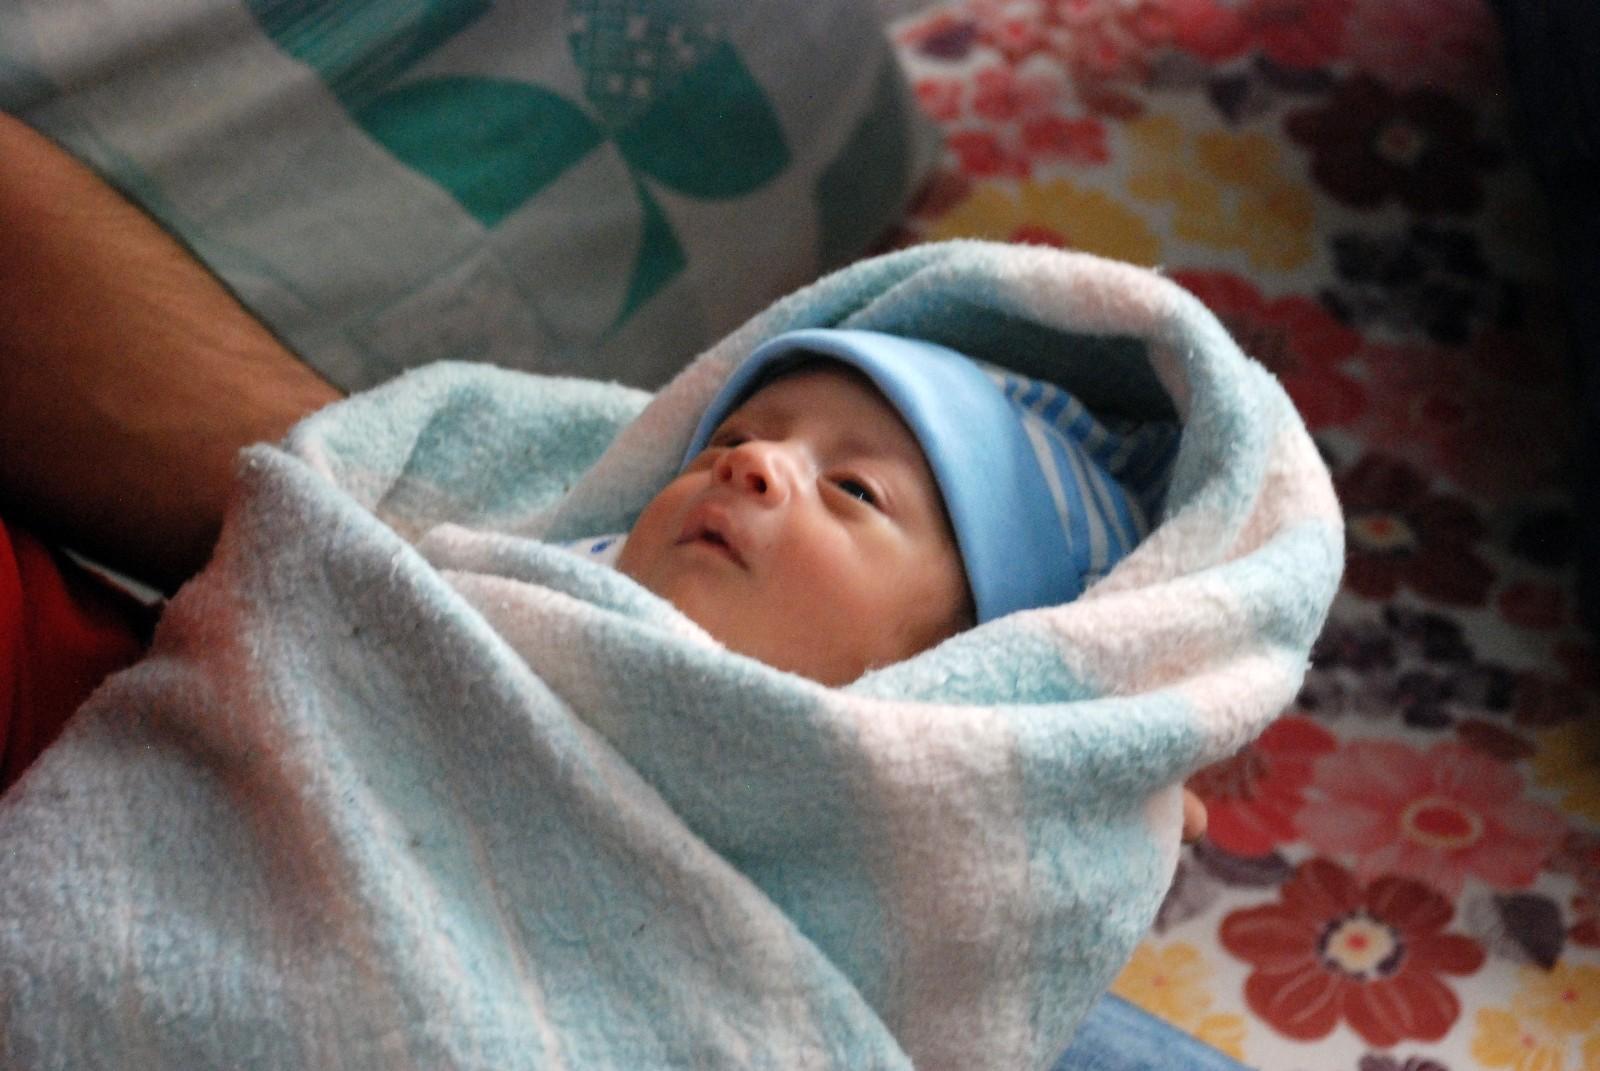 Muğla'da doğurganlık azalıyor - Muğla Haberleri